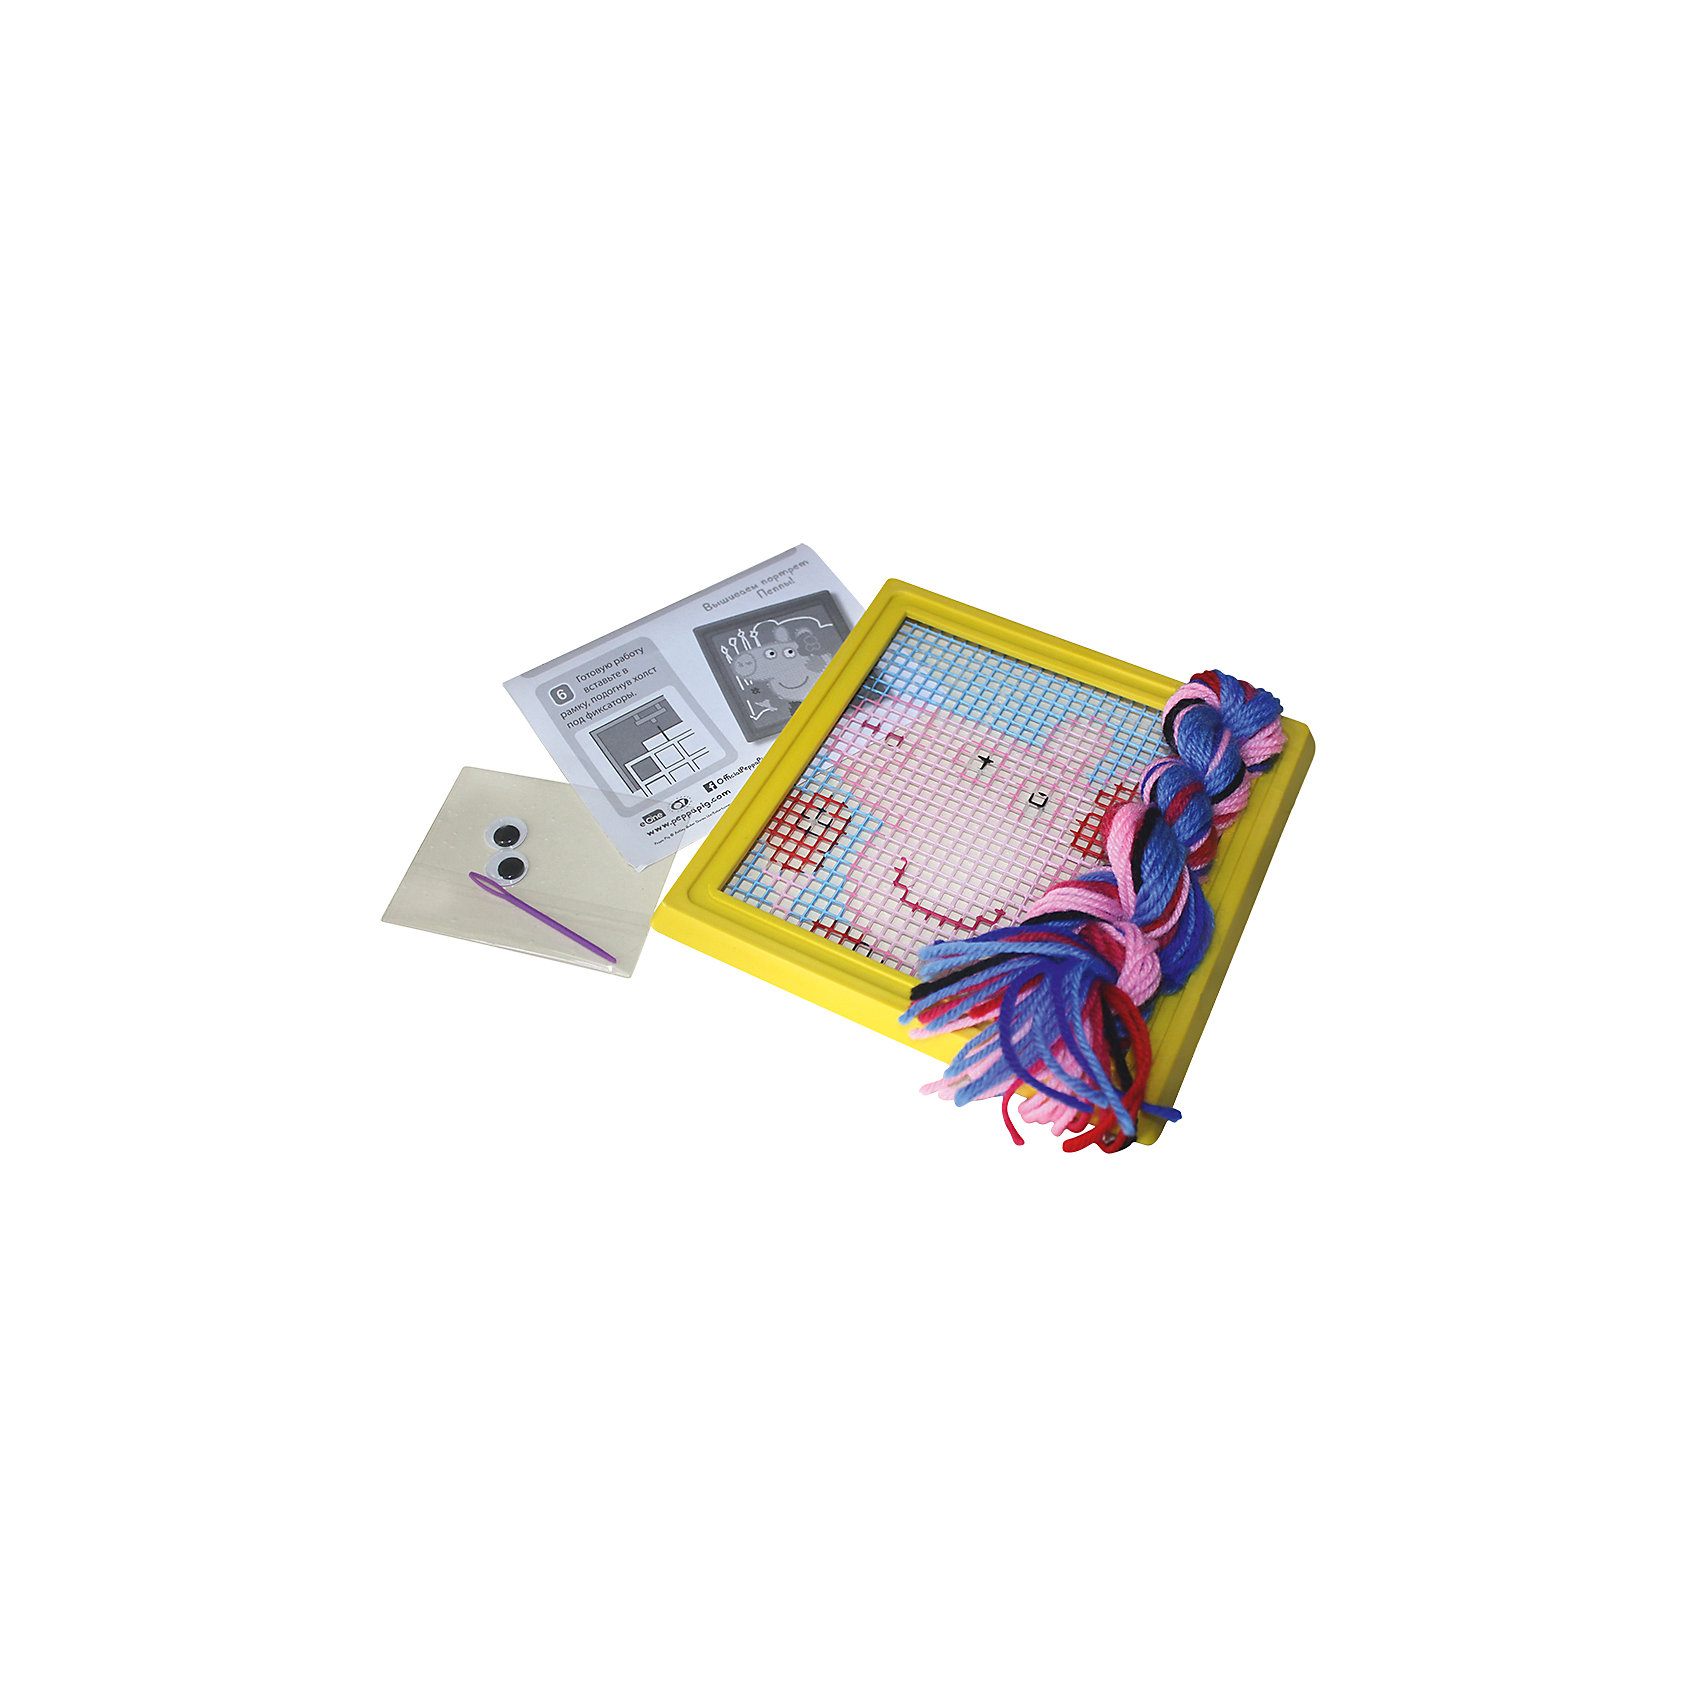 Набор для вышивания Модница, Свинка ПеппаНабор для вышивания по пластиковой канве «Модница» - это простое и безопасное средство научить юную мастерицу вышивать. Сначала нужно выбрать из мотка 2 нити того цвета, которым окрашен верхний левый угол канвы, вдеть их в пластиковую безопасную иголку, закрепить в указанном ранее месте и выполнять стежки горизонтальными рядами слева направо, двигаясь по канве сверху вниз. Подробная инструкция в картинках, продуманная комплектация набора и идеально подобранные цвета нитей помогут вашей маленькой рукодельнице создать очаровательную картинку. Готовую вышивку поместите в рамочку, входящую в комплект, и поставьте ее на видное место. Малышка будет сиять от восторга, видя, как все любуются ее поделкой.&#13;<br>В наборе для вышивания «Модница» ТМ «Свинка Пеппа» 6 предметов: пластиковая канва (16,5х16,5) нанесенным рисунком, пластиковая рамка для картины, 8 цветов шерстяных ниток (20 м), пластиковая иголка, пластиковые вращающиеся глазки с клеевым слоем, инструкция. Товар сертифицирован.<br><br>Ширина мм: 210<br>Глубина мм: 185<br>Высота мм: 30<br>Вес г: 120<br>Возраст от месяцев: 60<br>Возраст до месяцев: 108<br>Пол: Унисекс<br>Возраст: Детский<br>SKU: 5076567